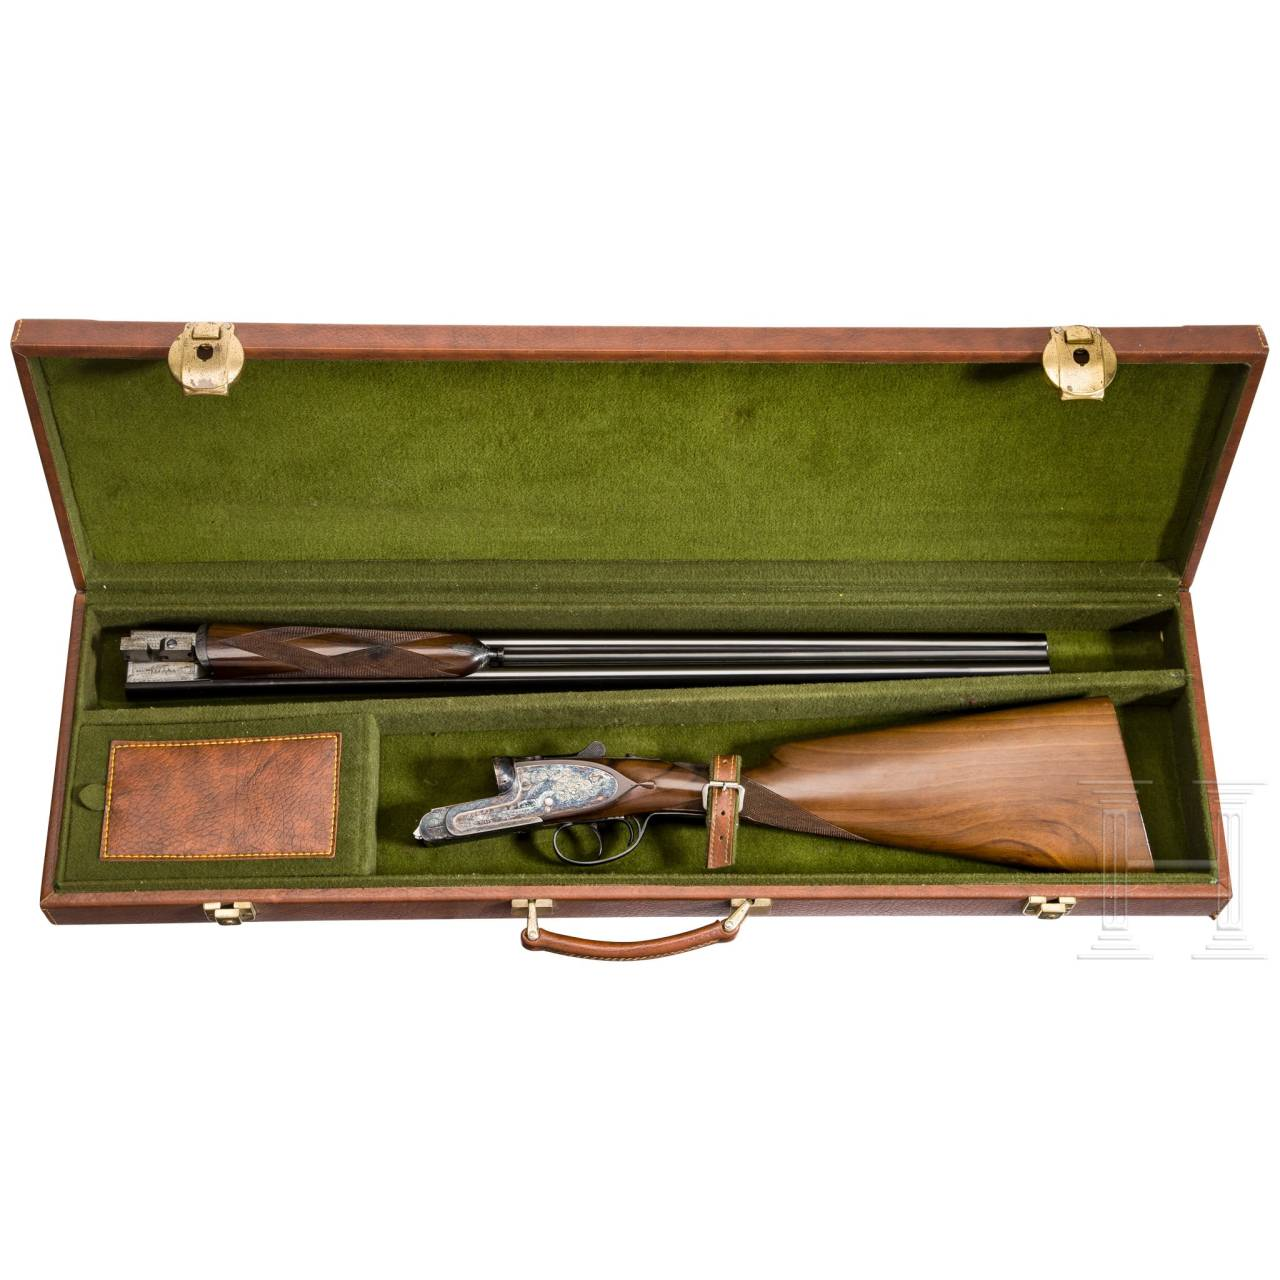 A side-by-side shotgun by Sarasqueta, Eibar